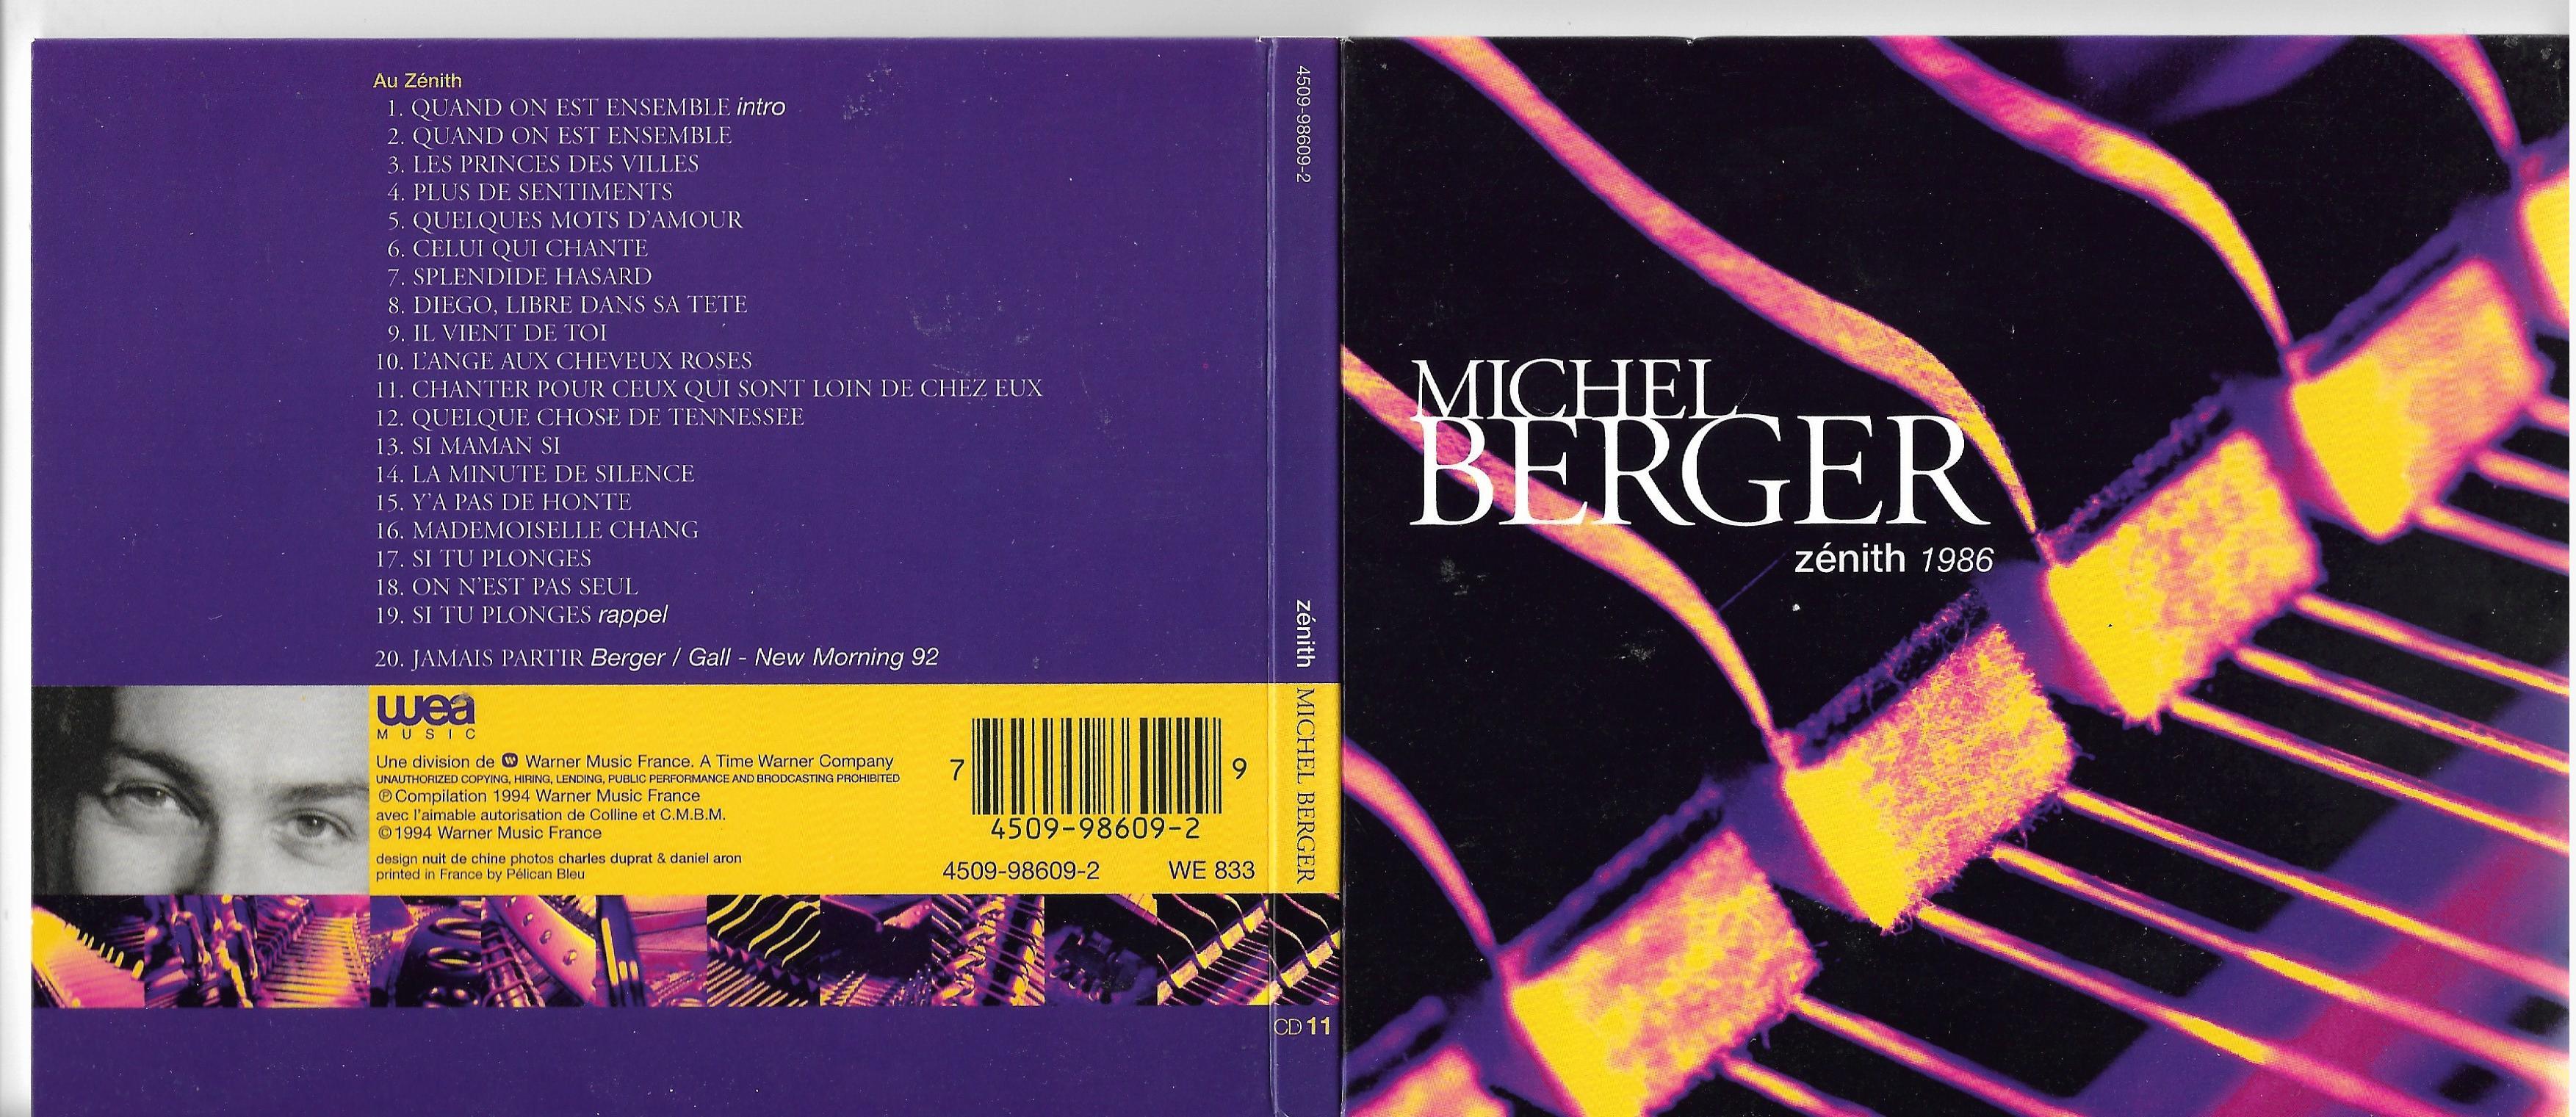 MICHEL BERGER - C'est difficile d'être un homme aussi 1978 à 1980 - CD